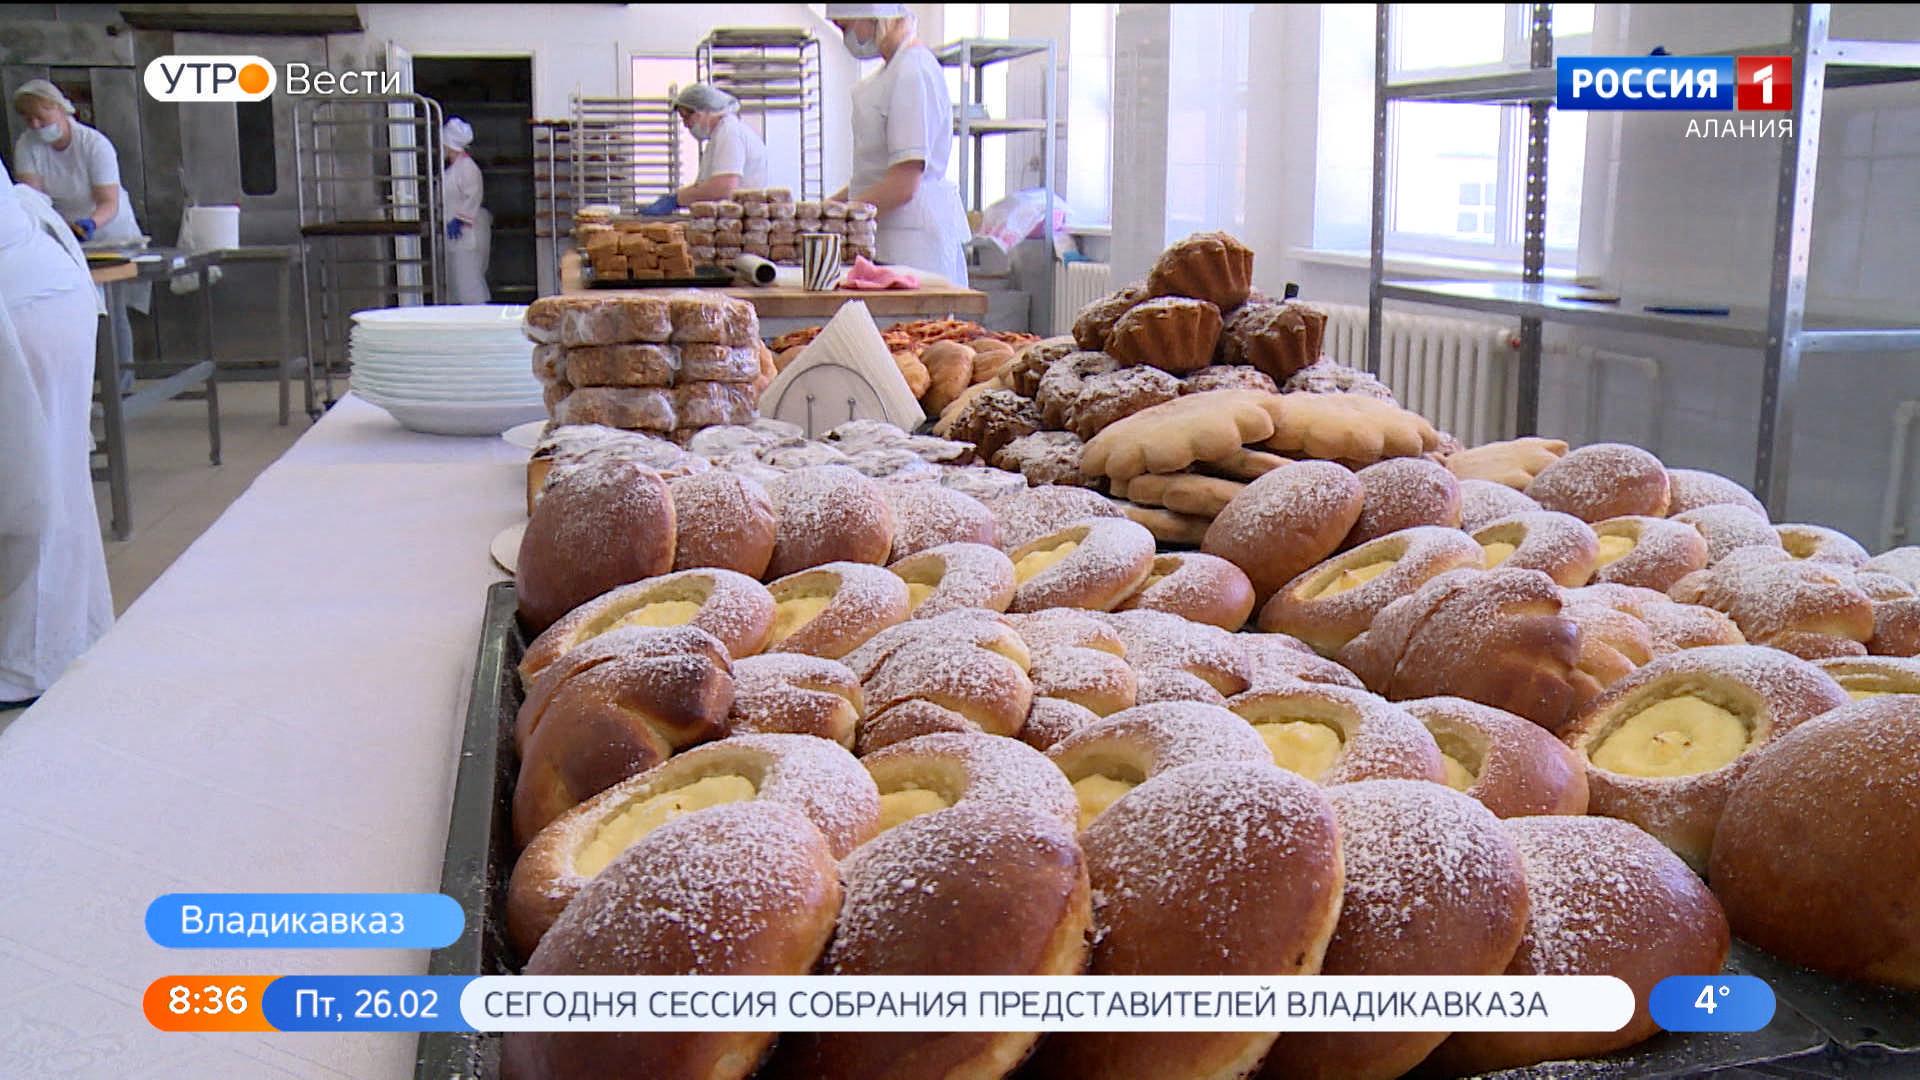 Директор комбината школьного питания: Ориентир — на вкусы учащихся, но меню утверждается с Роспотребнадзором